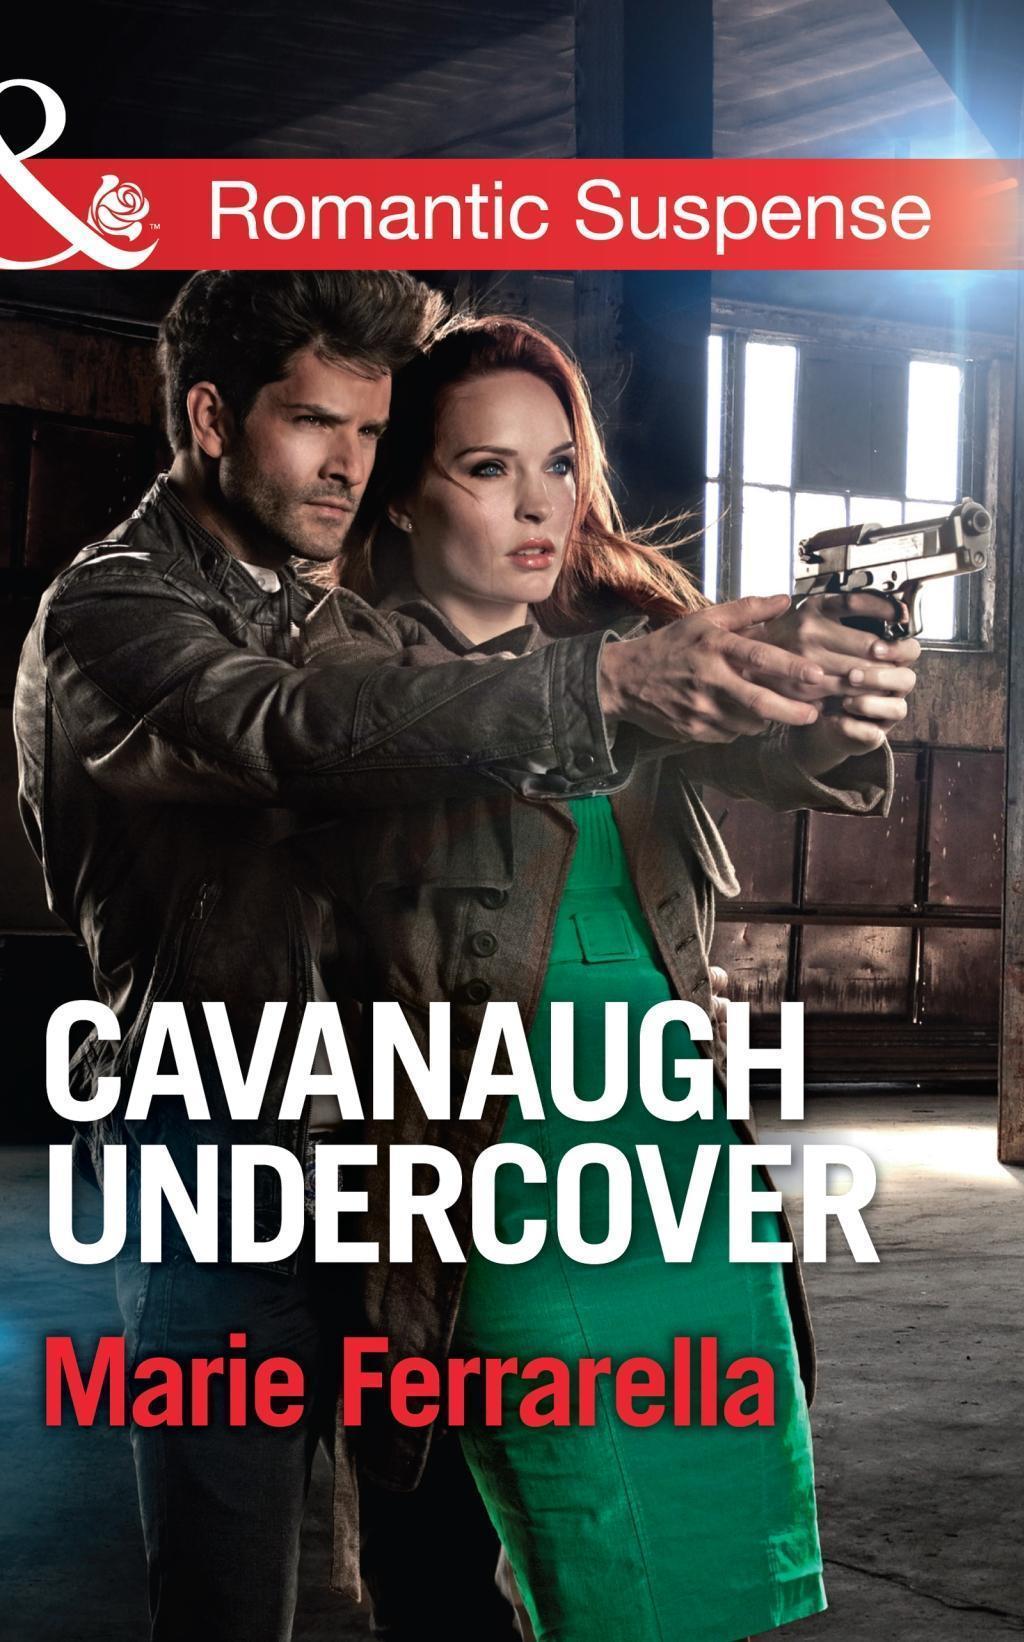 Cavanaugh Undercover (Mills & Boon Romantic Suspense)